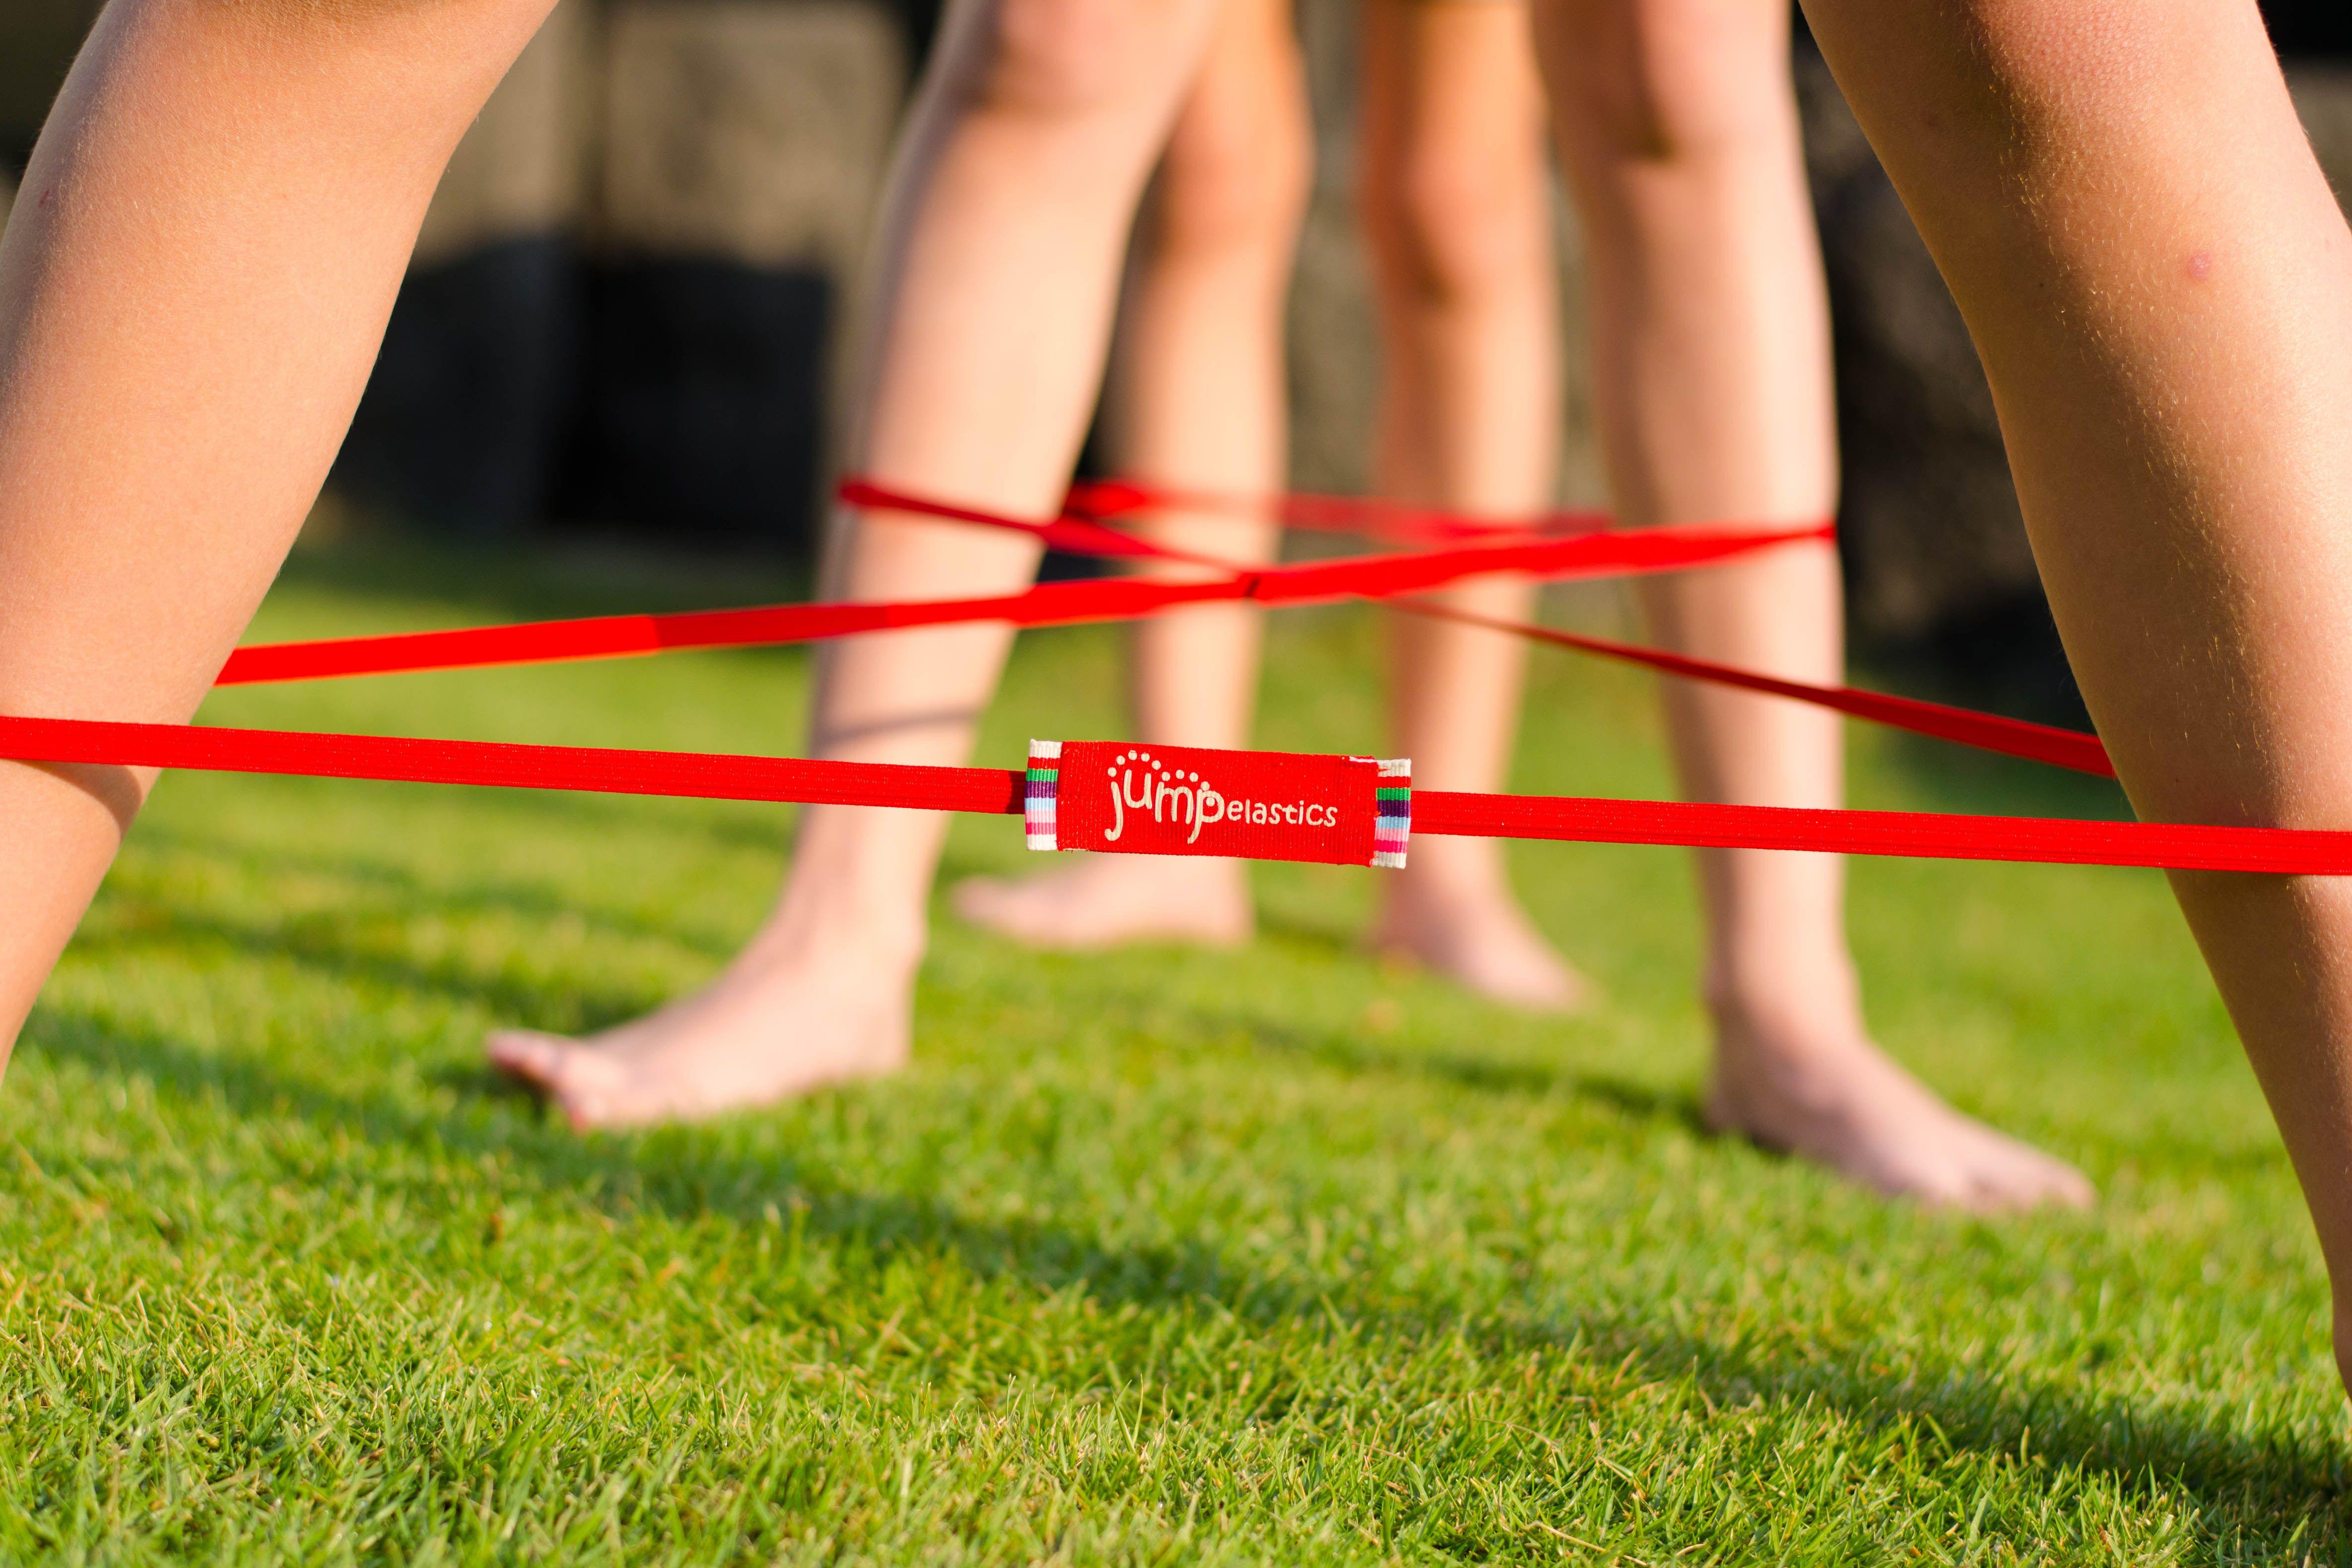 Bare feet green grasssummer fun with jumpelastics